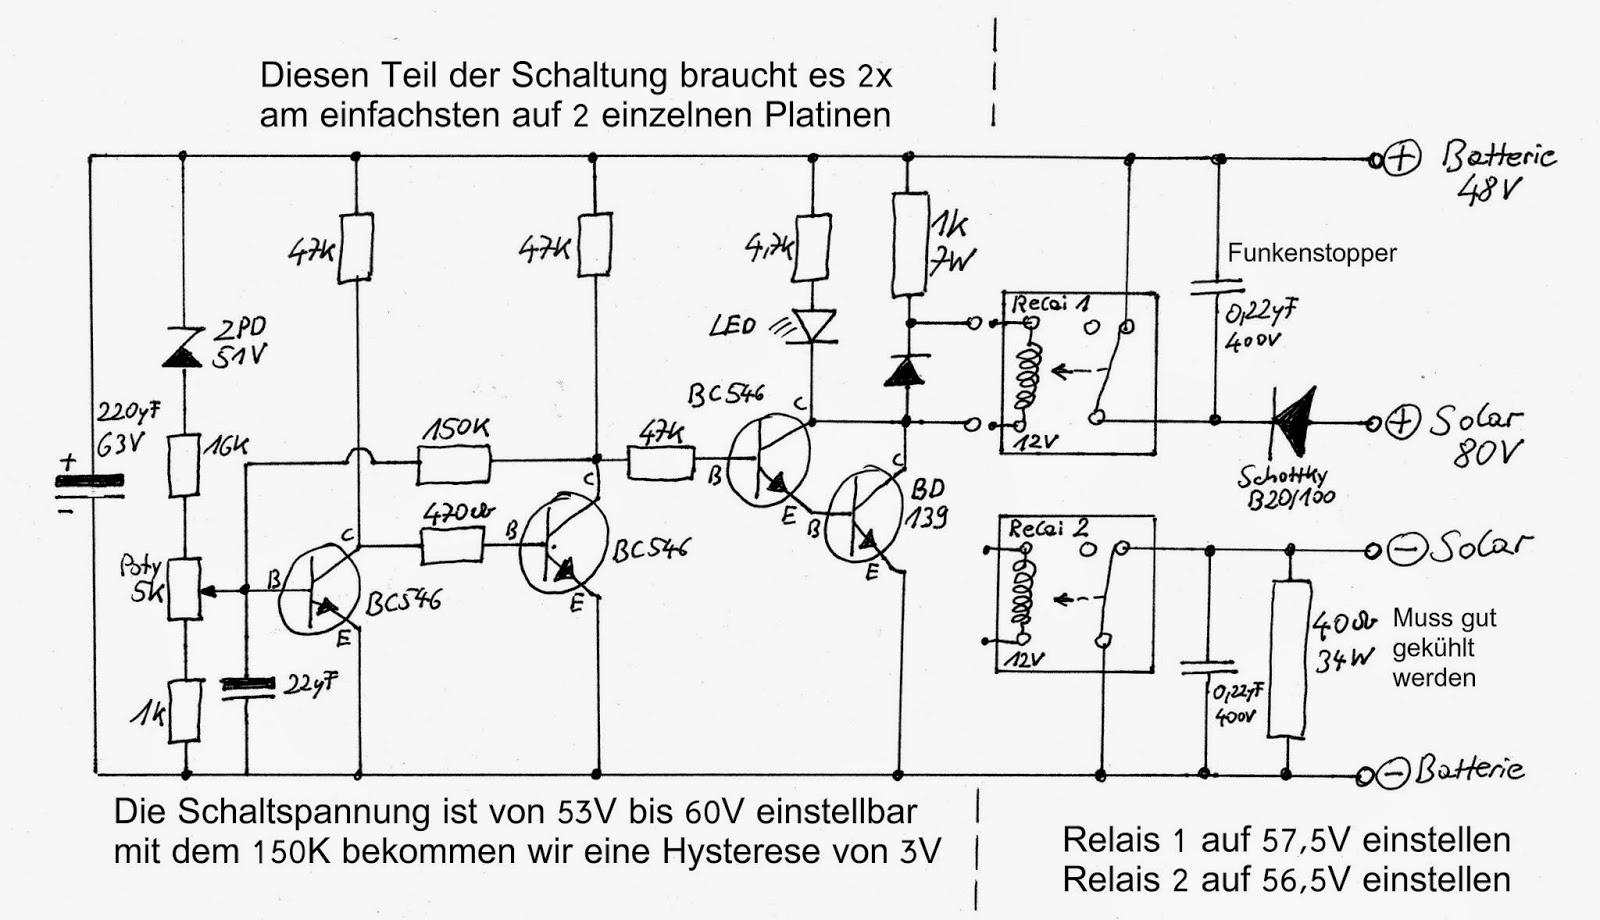 Niedlich 120v Relais Schaltplan Galerie - Der Schaltplan ...